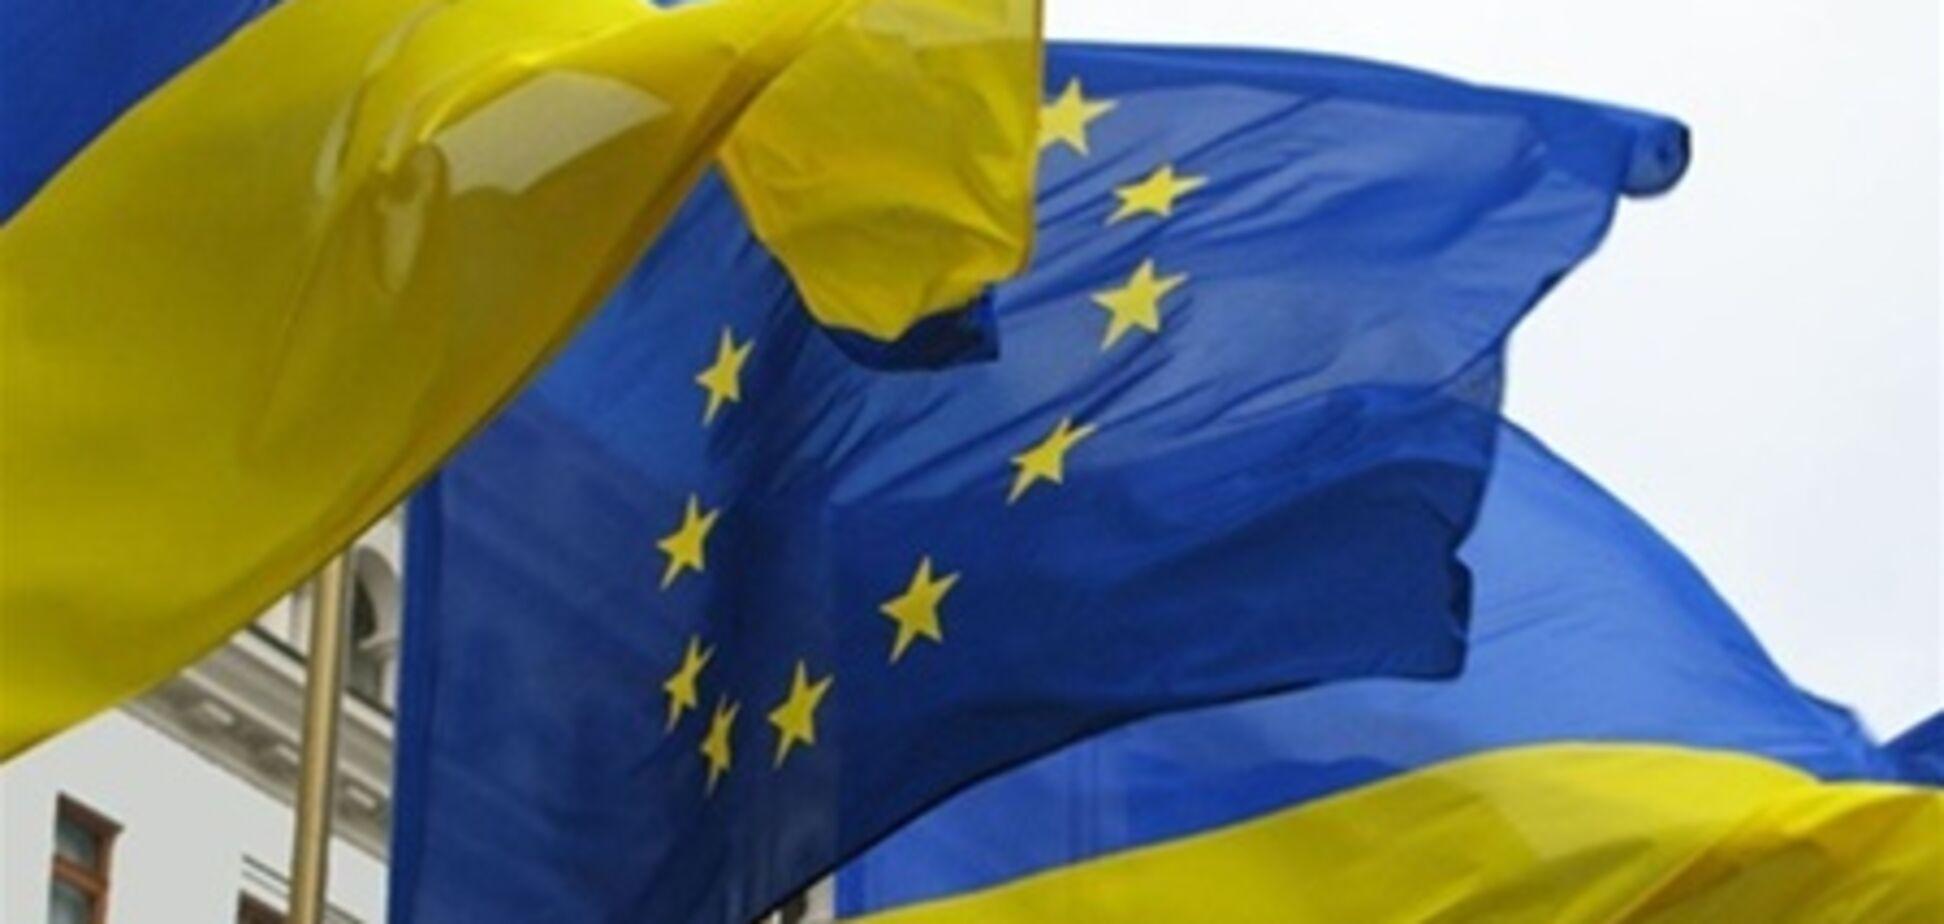 Сьогодні Україна та ЄС парафують Угоду про асоціацію